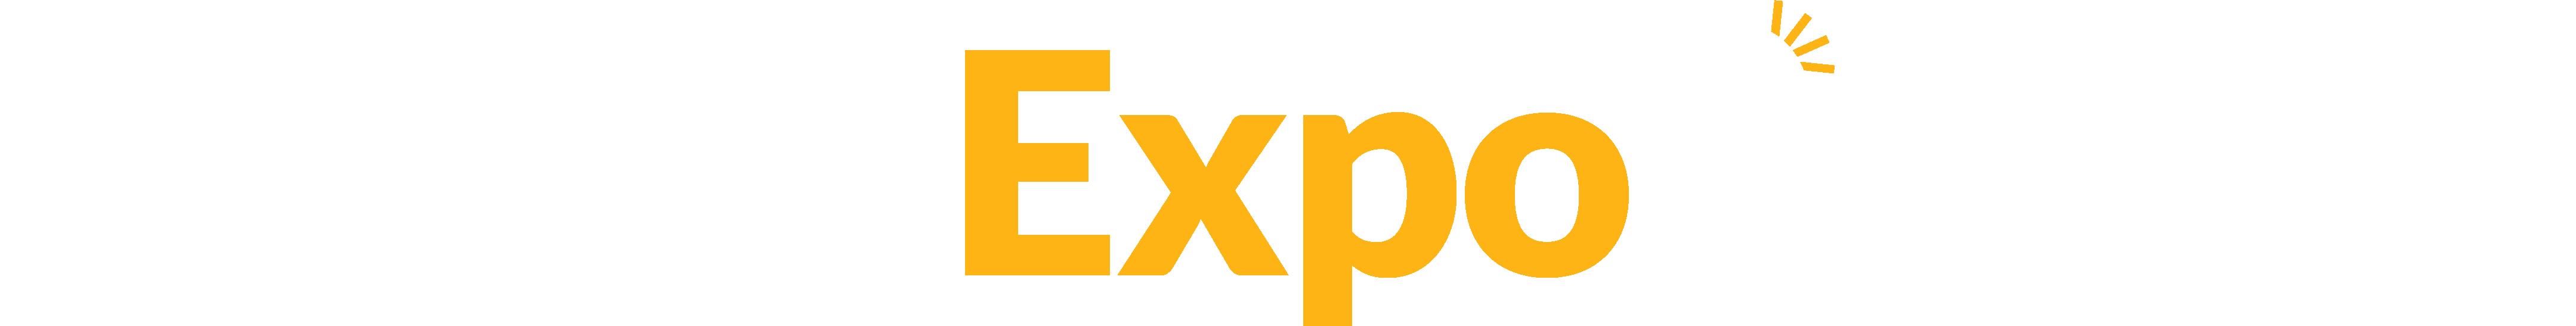 ClickerExpo 2022